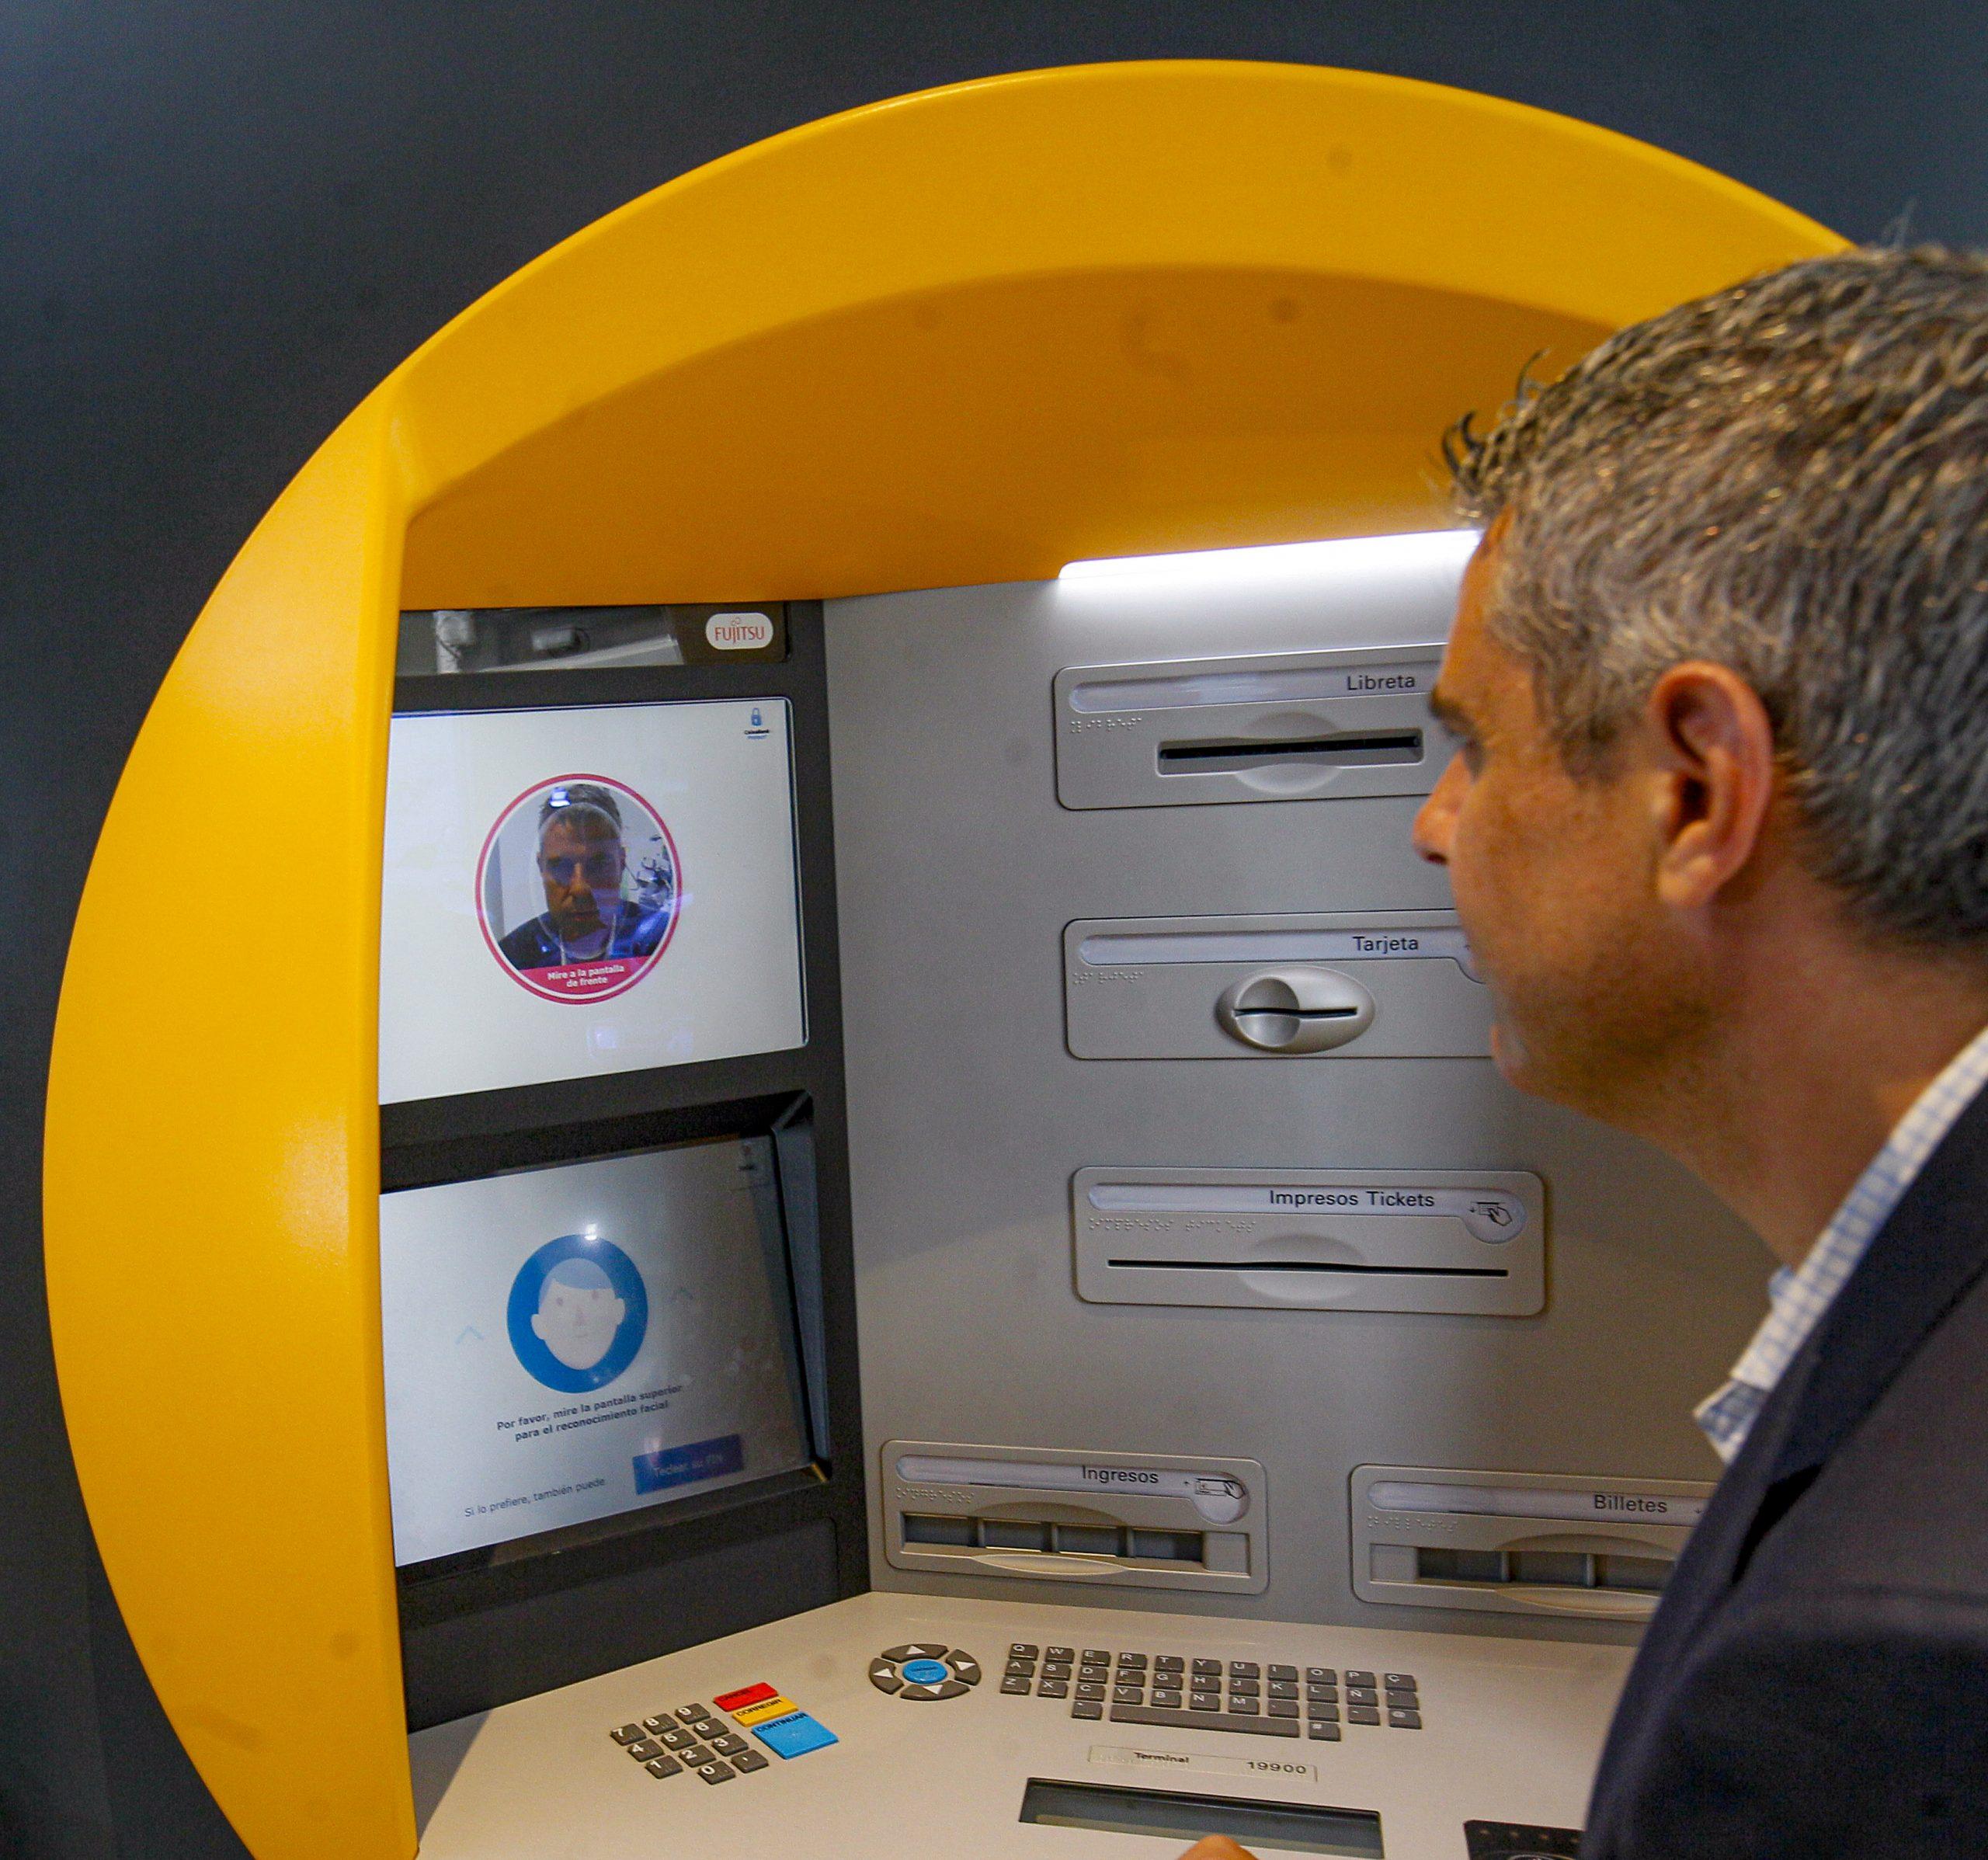 CaixaBank pone en marcha los primeros cajeros con reconocimiento facial en Ponferrada 1